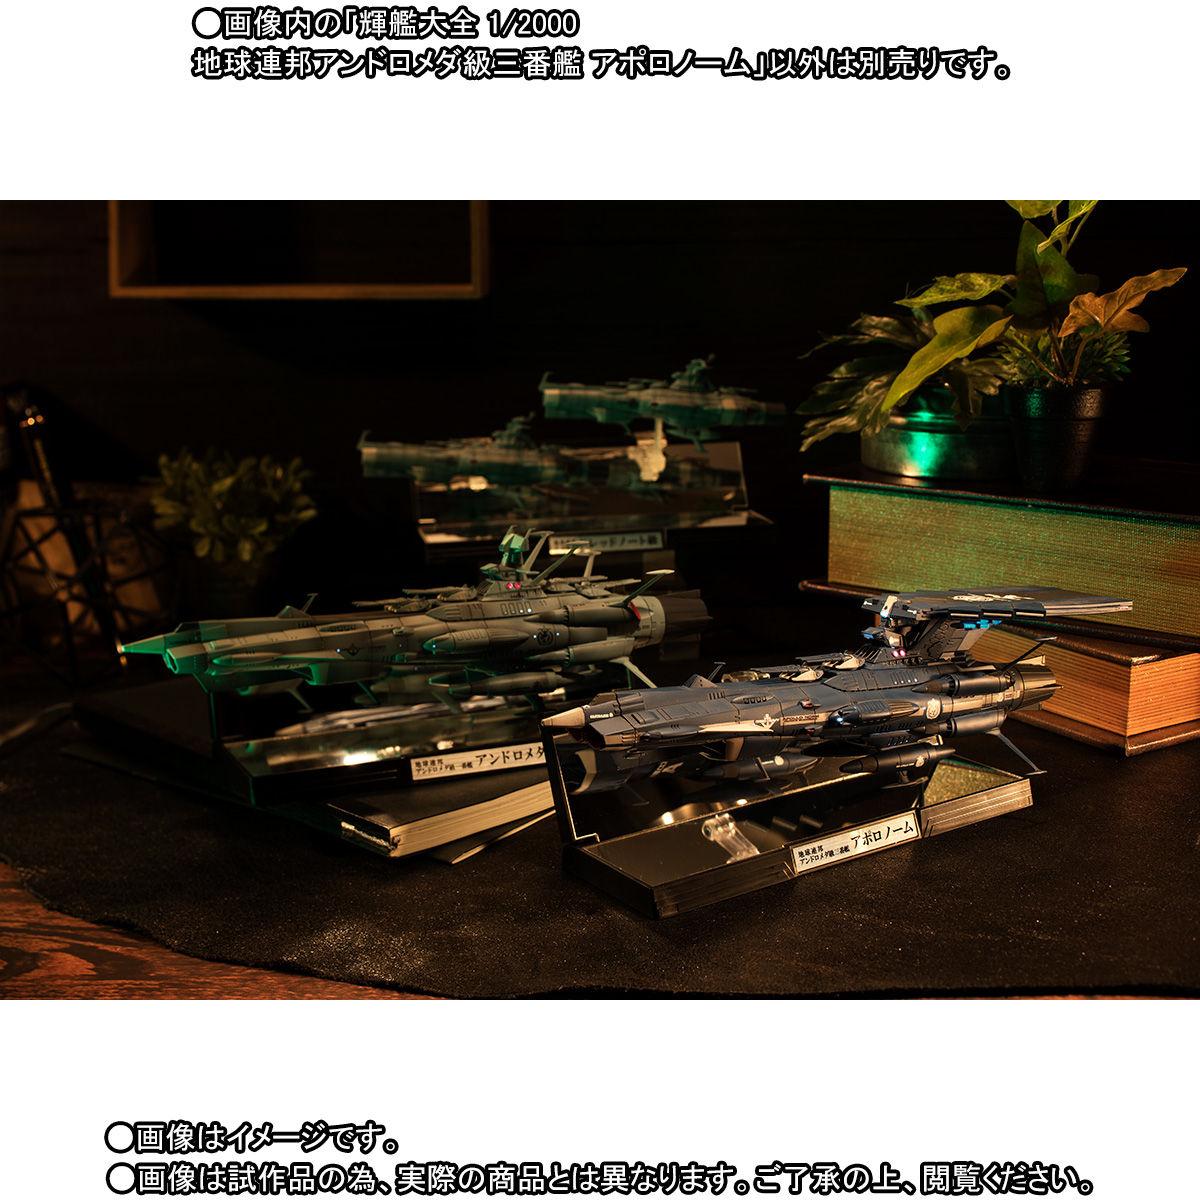 輝艦大全『地球連邦アンドロメダ級三番艦 アポロノーム 宇宙戦艦ヤマト2202』1/2000 完成品モデル-010